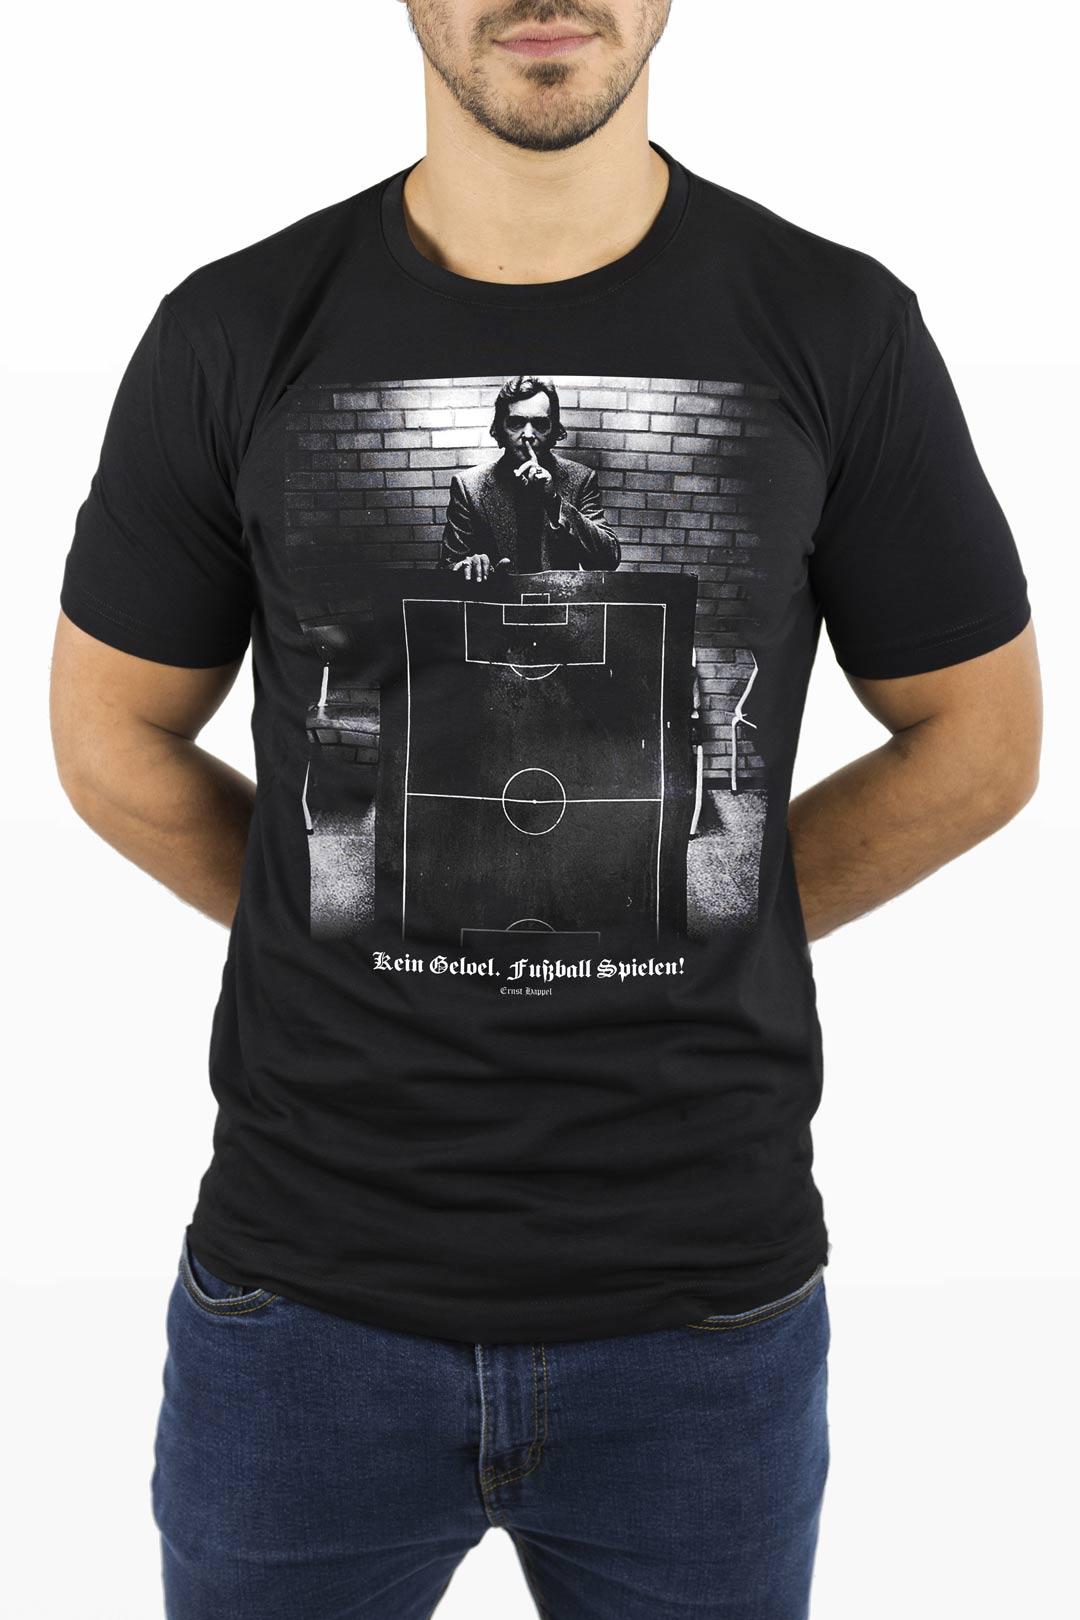 Ernst Happel T-Shirt, Limited Edition, Kein Geloel Fussball Spielen!